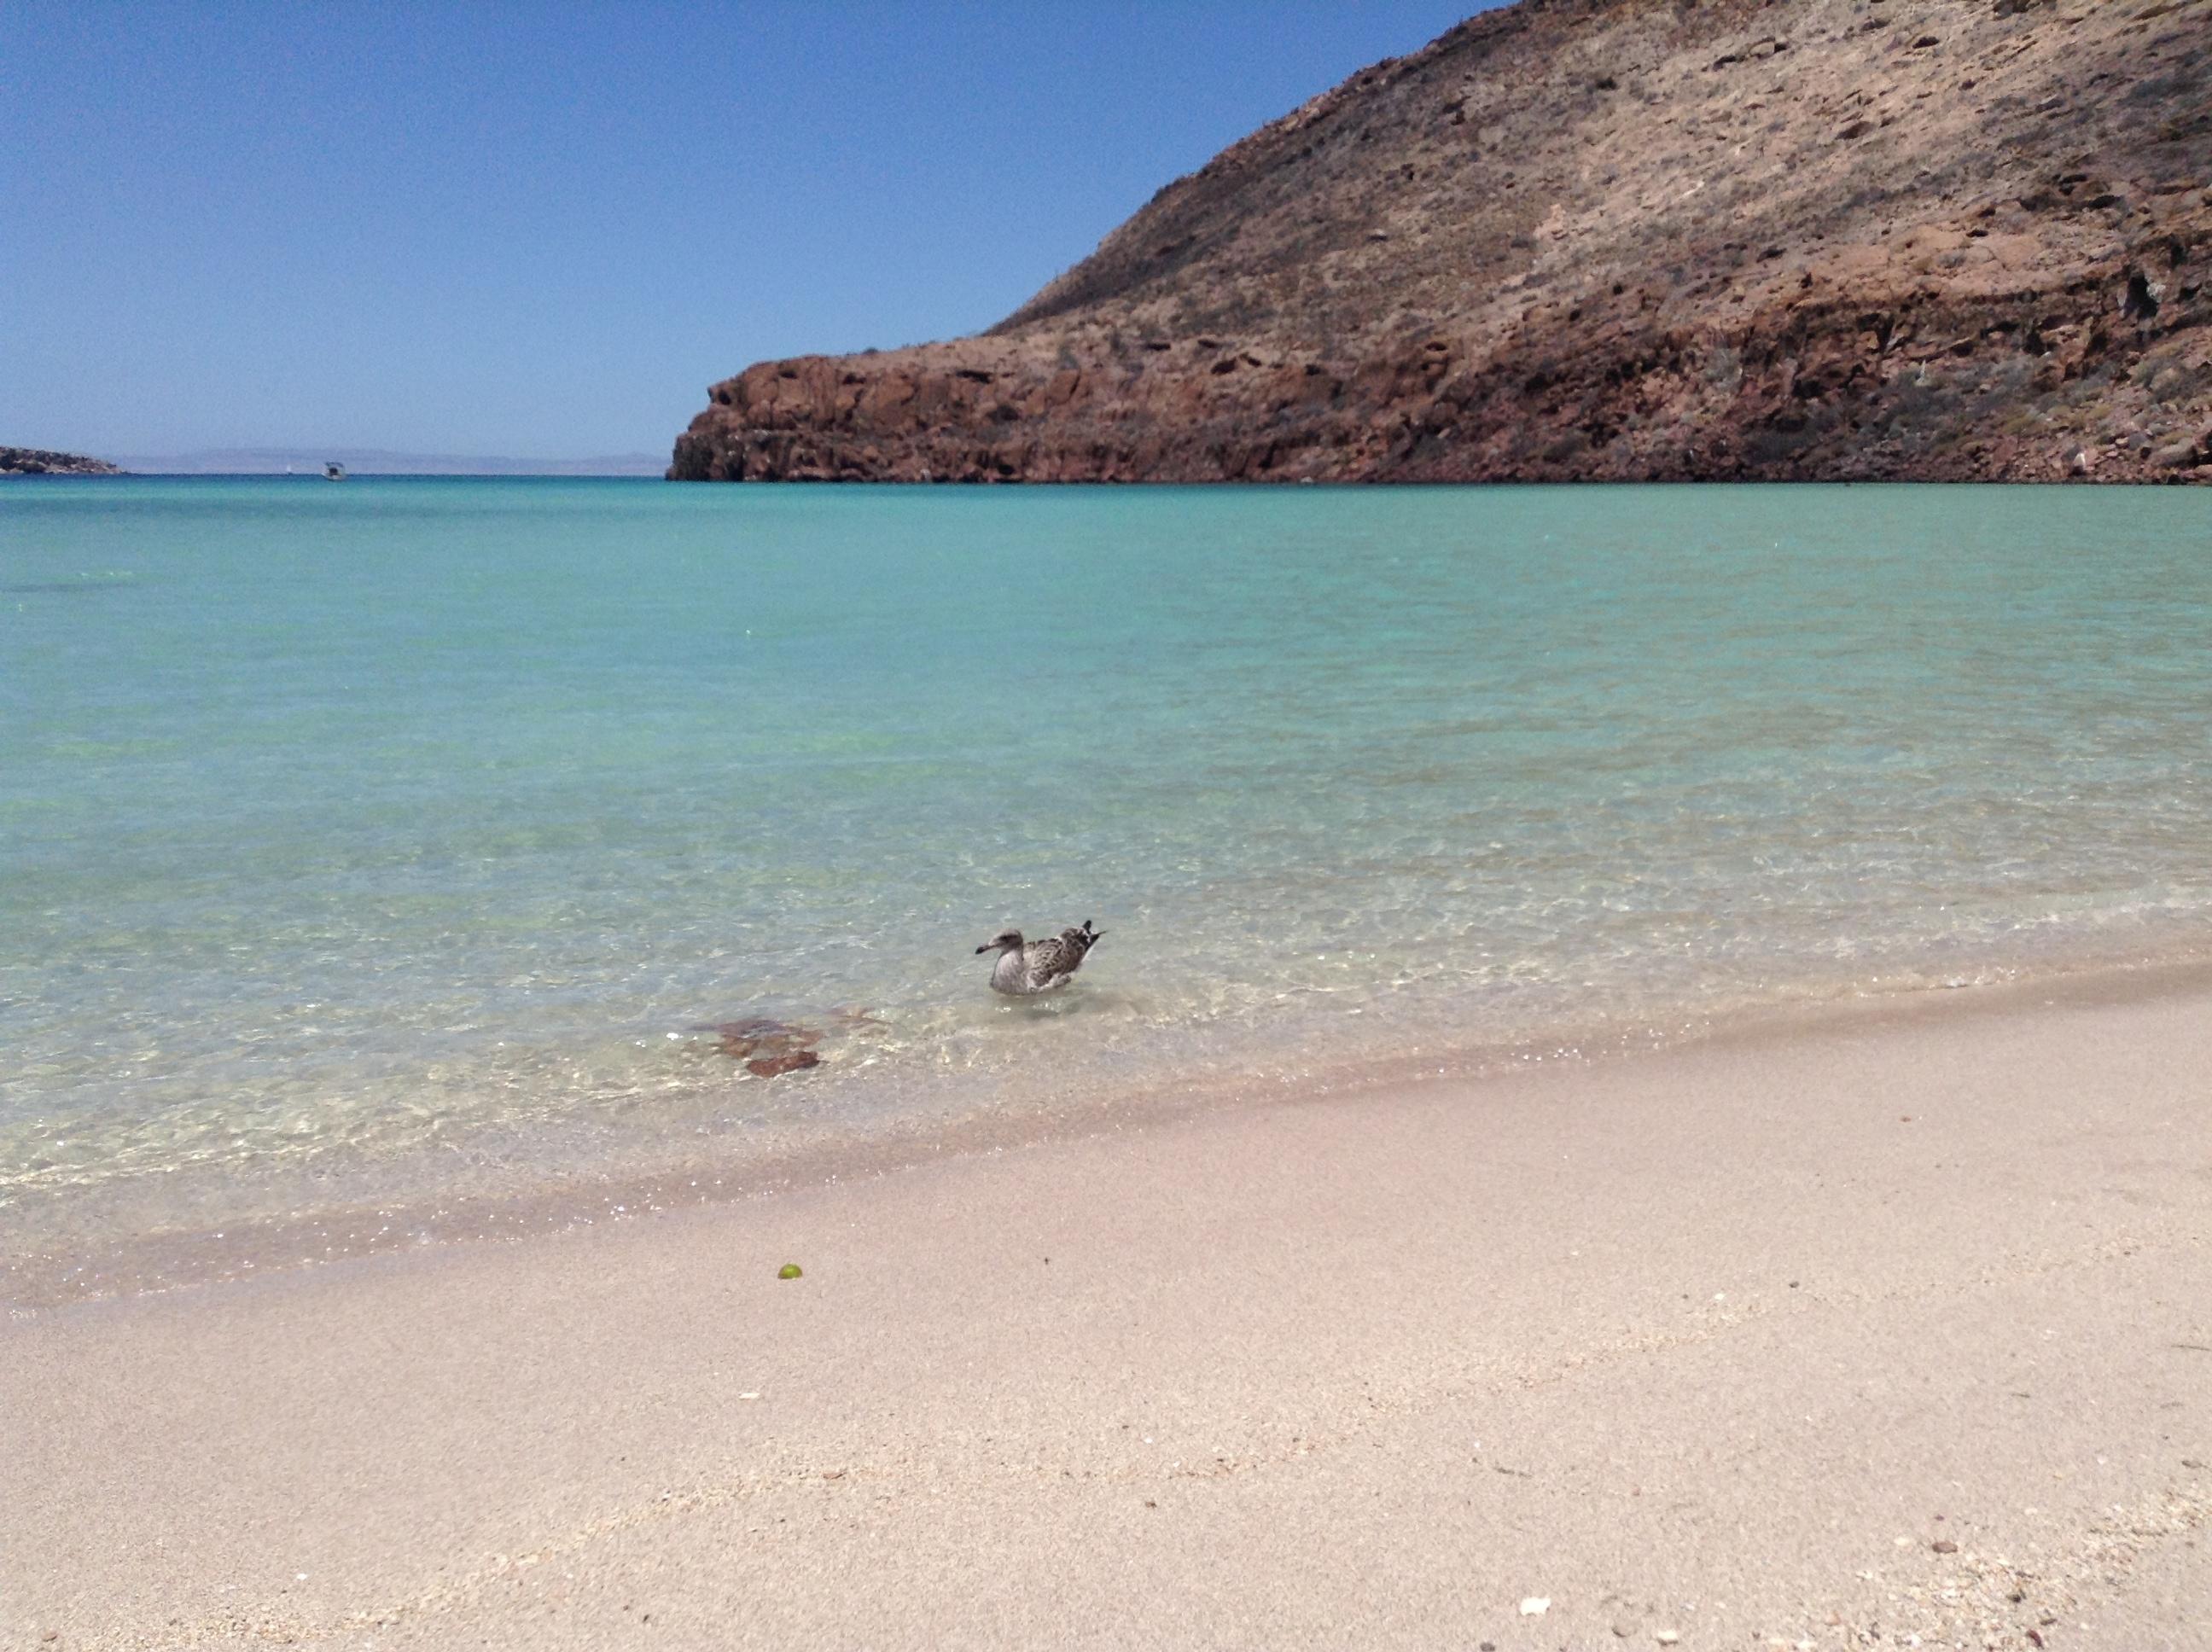 Playas en La Paz Baja California Sur, México